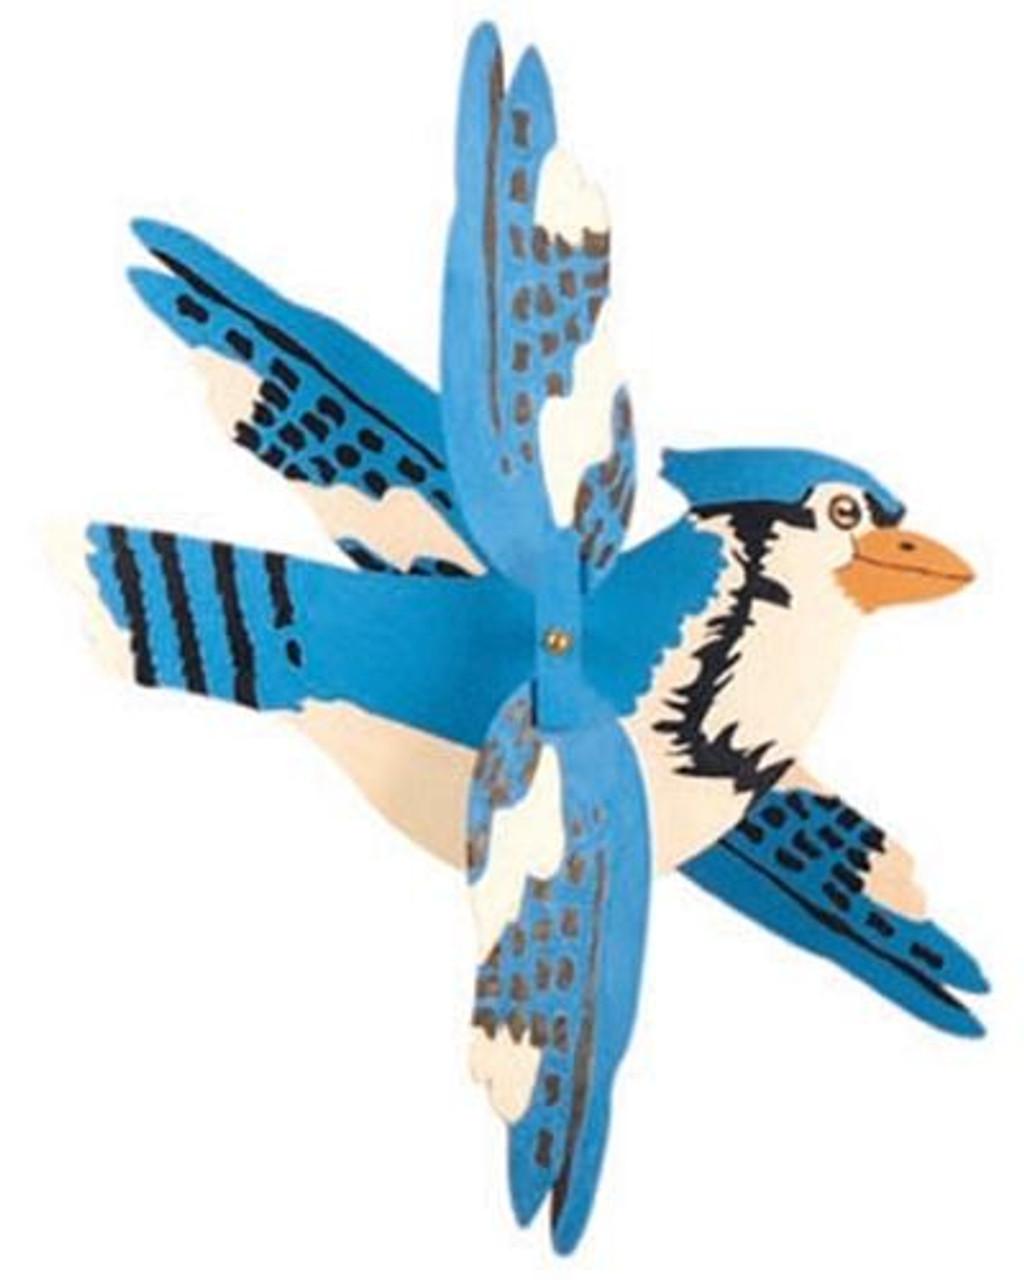 Cherry Tree Toys Bluejay Whirligig Hardware Kit